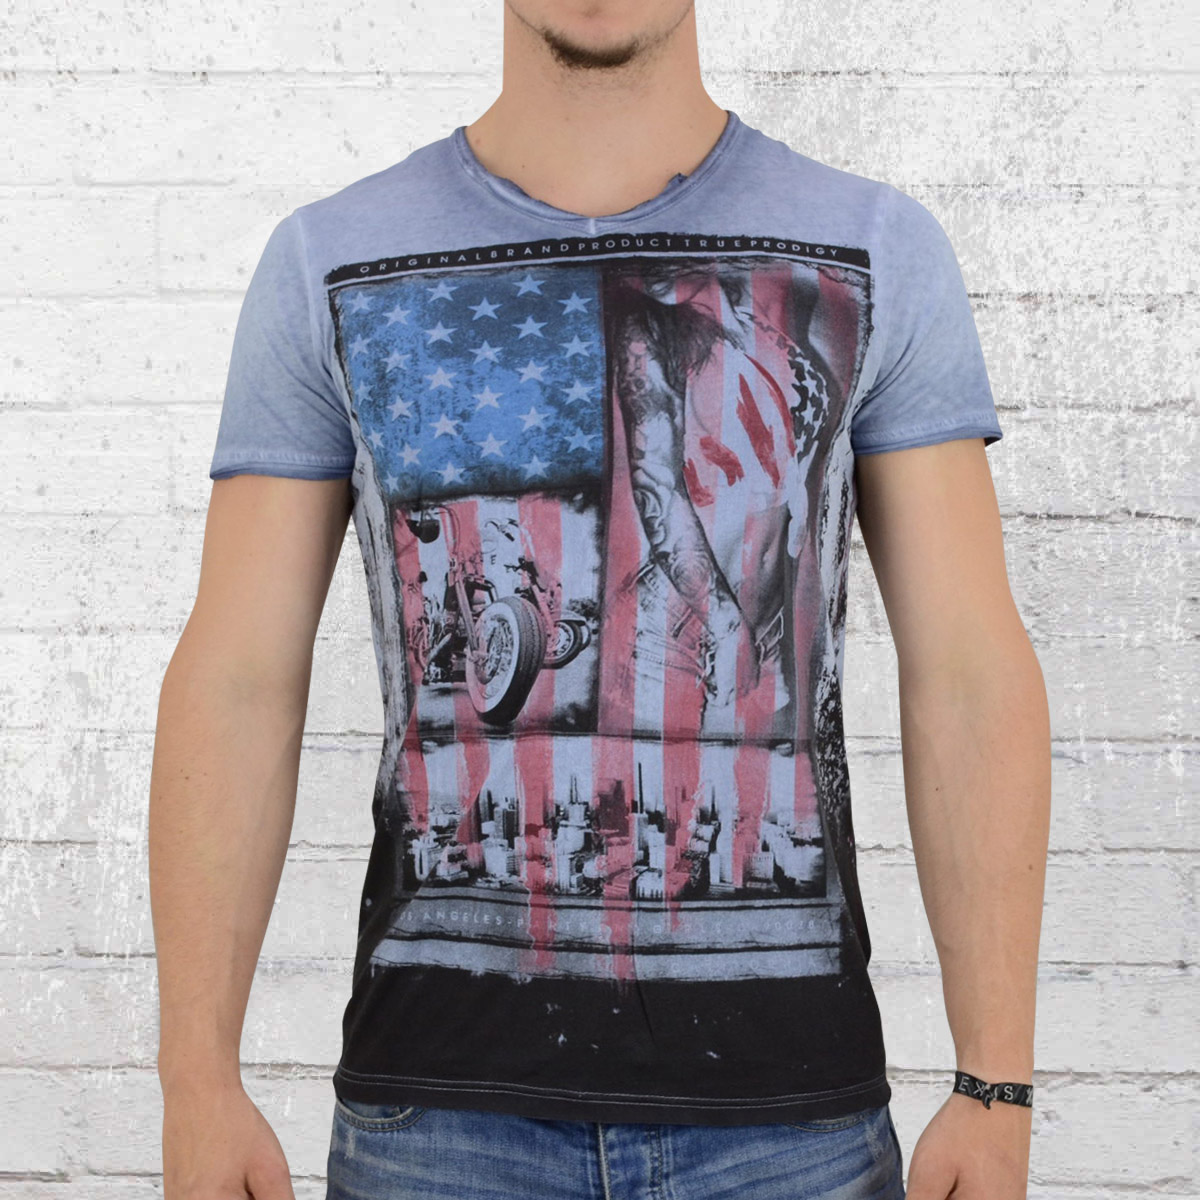 1514893f85da Jetzt bestellen   Trueprodigy Männer T-Shirt USA blau   krasse-shirts.de